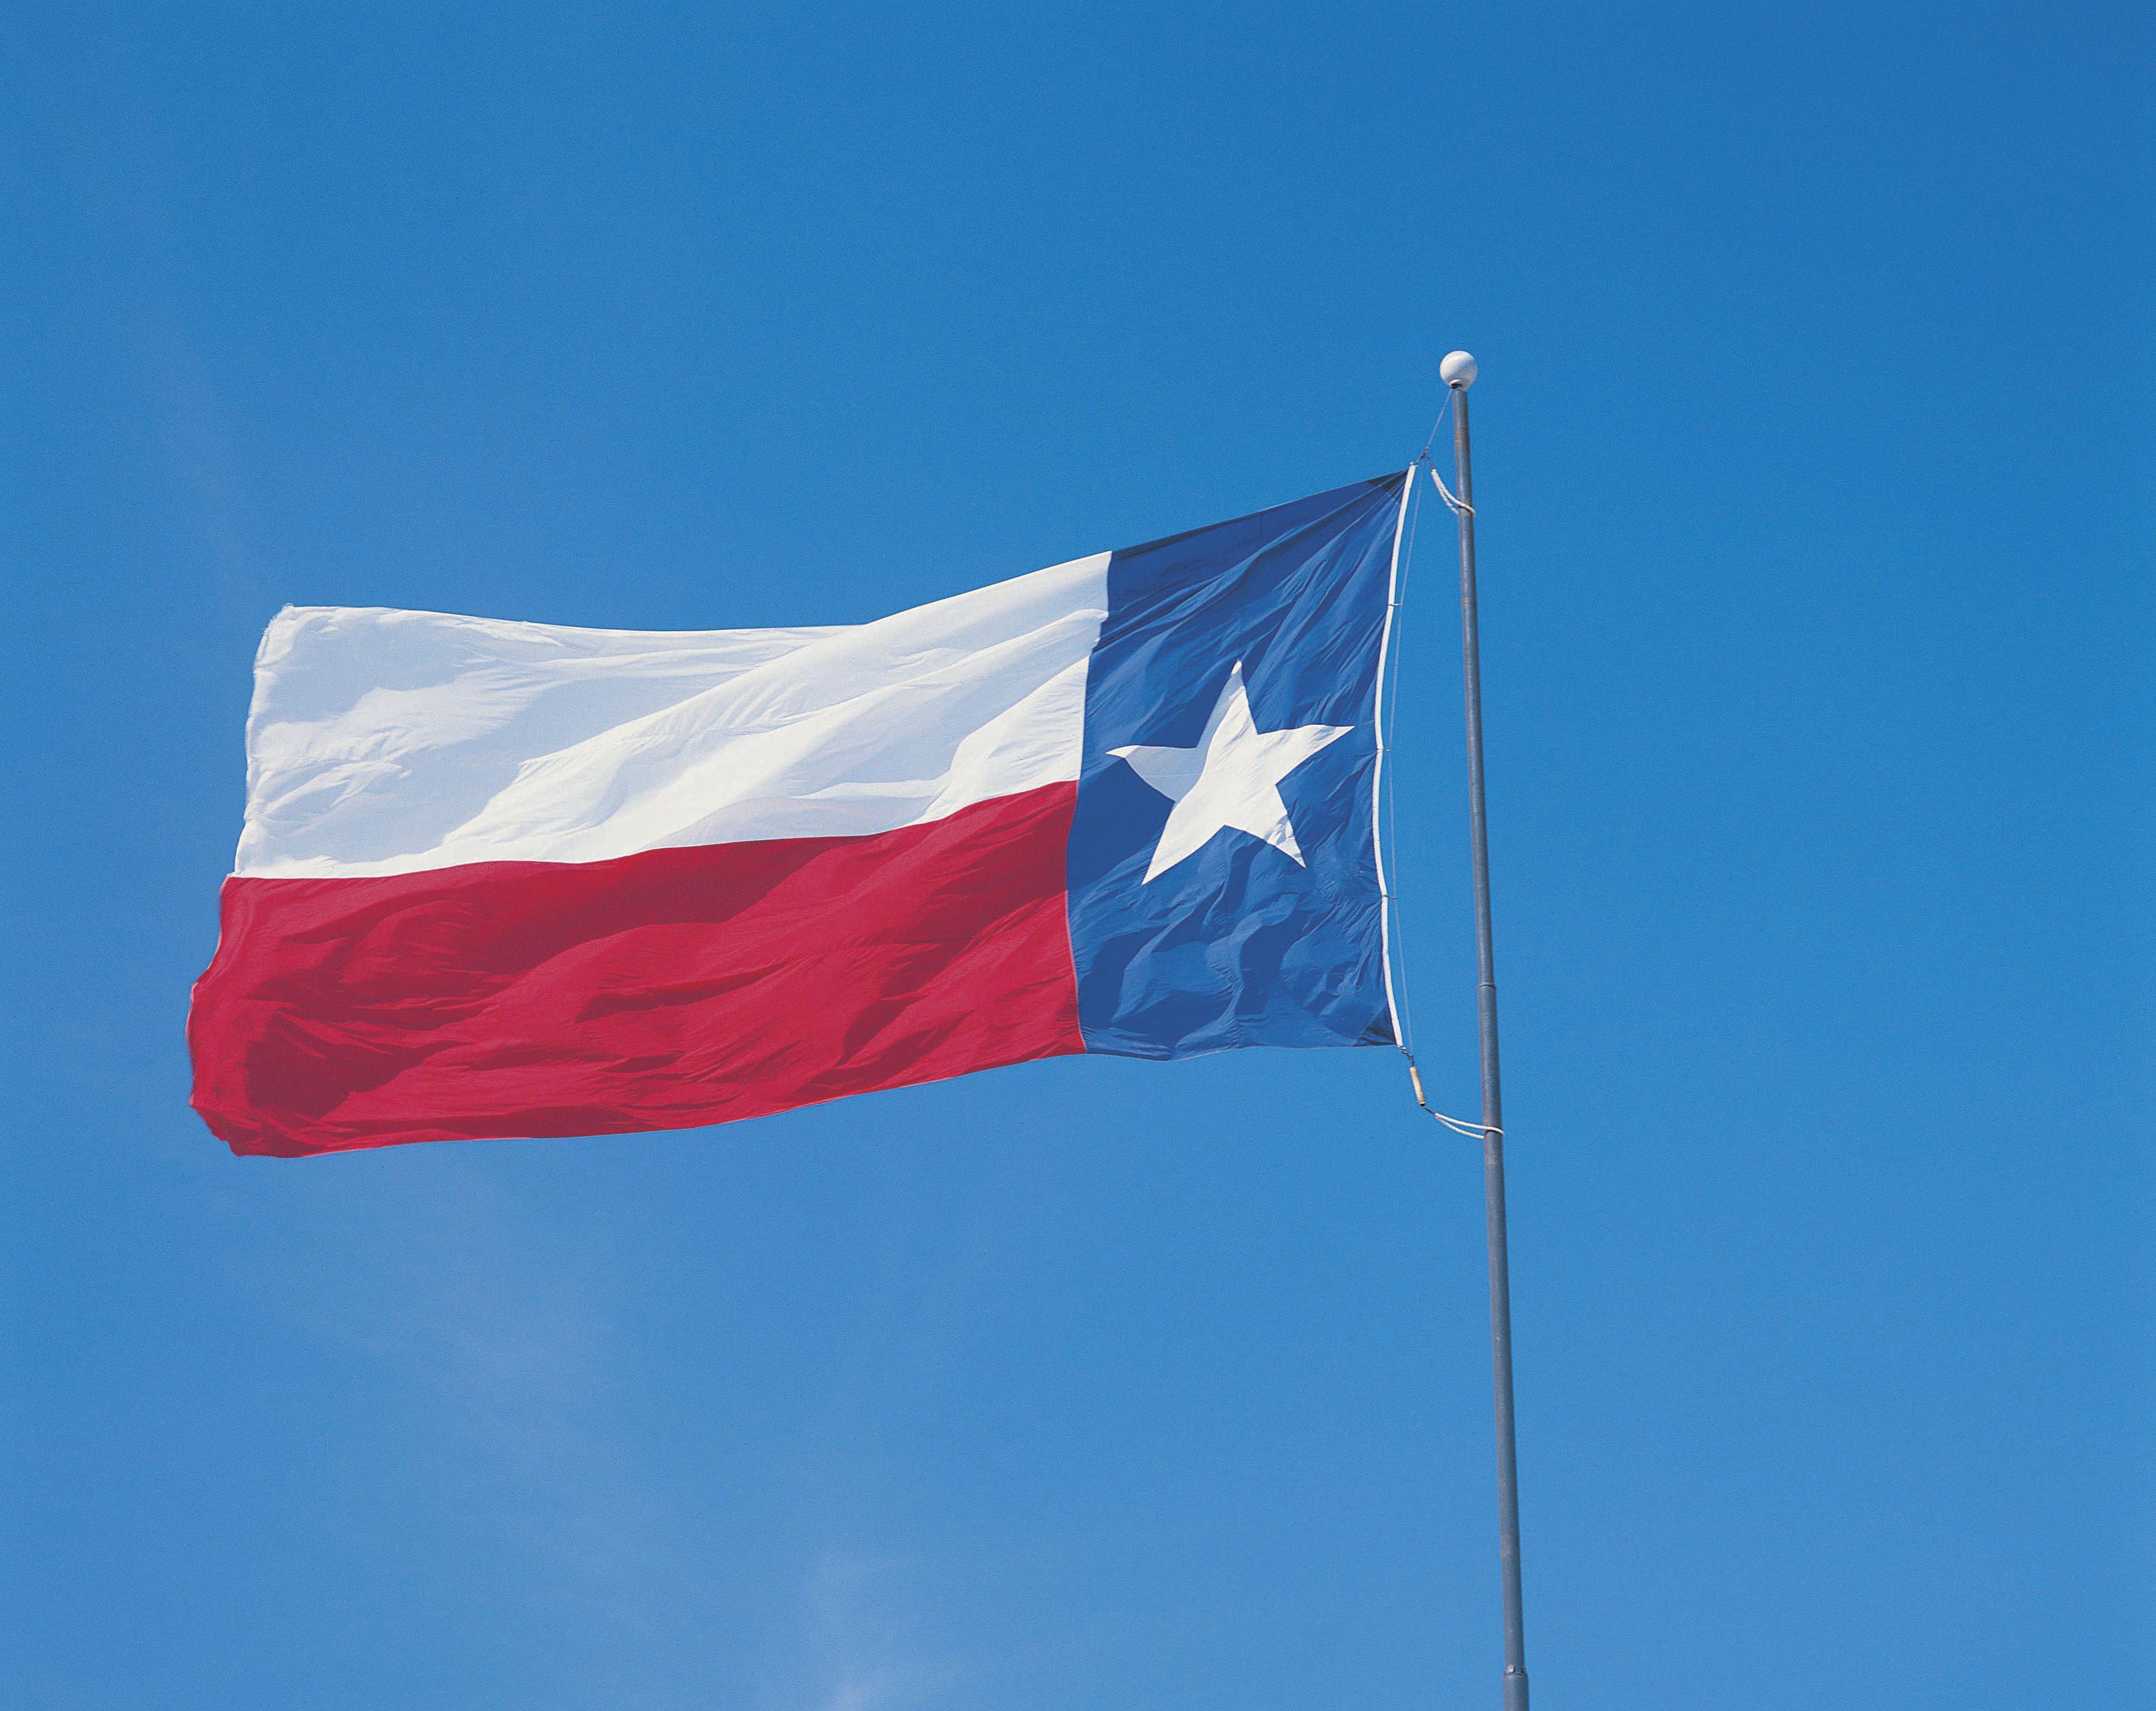 Texas state flag, USA